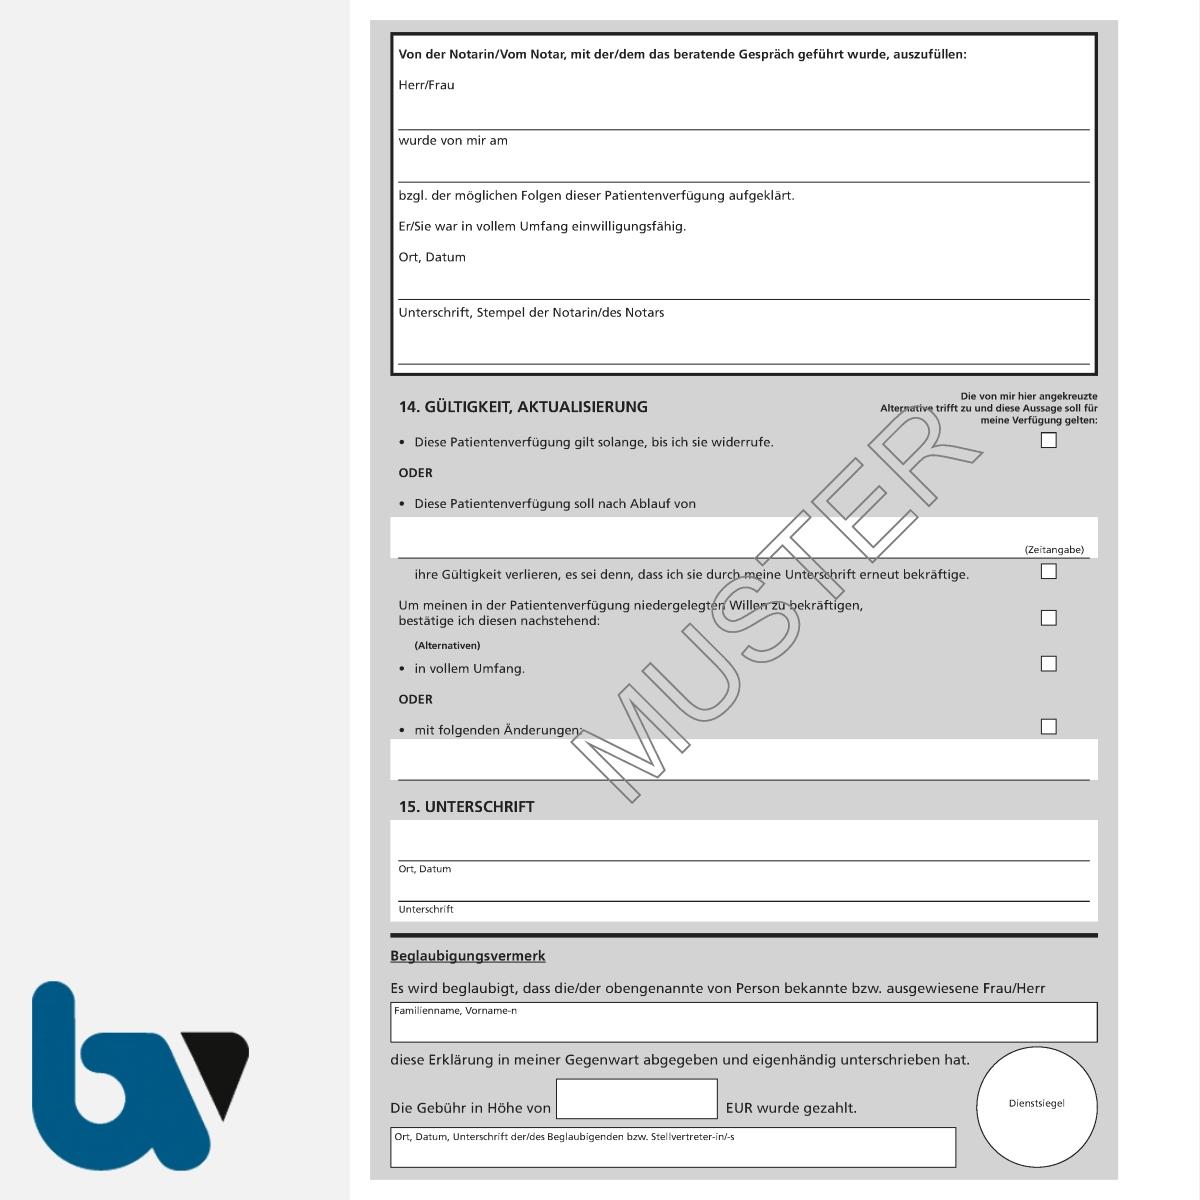 0/187-8 Patientenverfügung schriftlich Muster Bundesministerium Justiz Vorsorgevollmacht Betreuung DIN A4 Seite 8 | Borgard Verlag GmbH